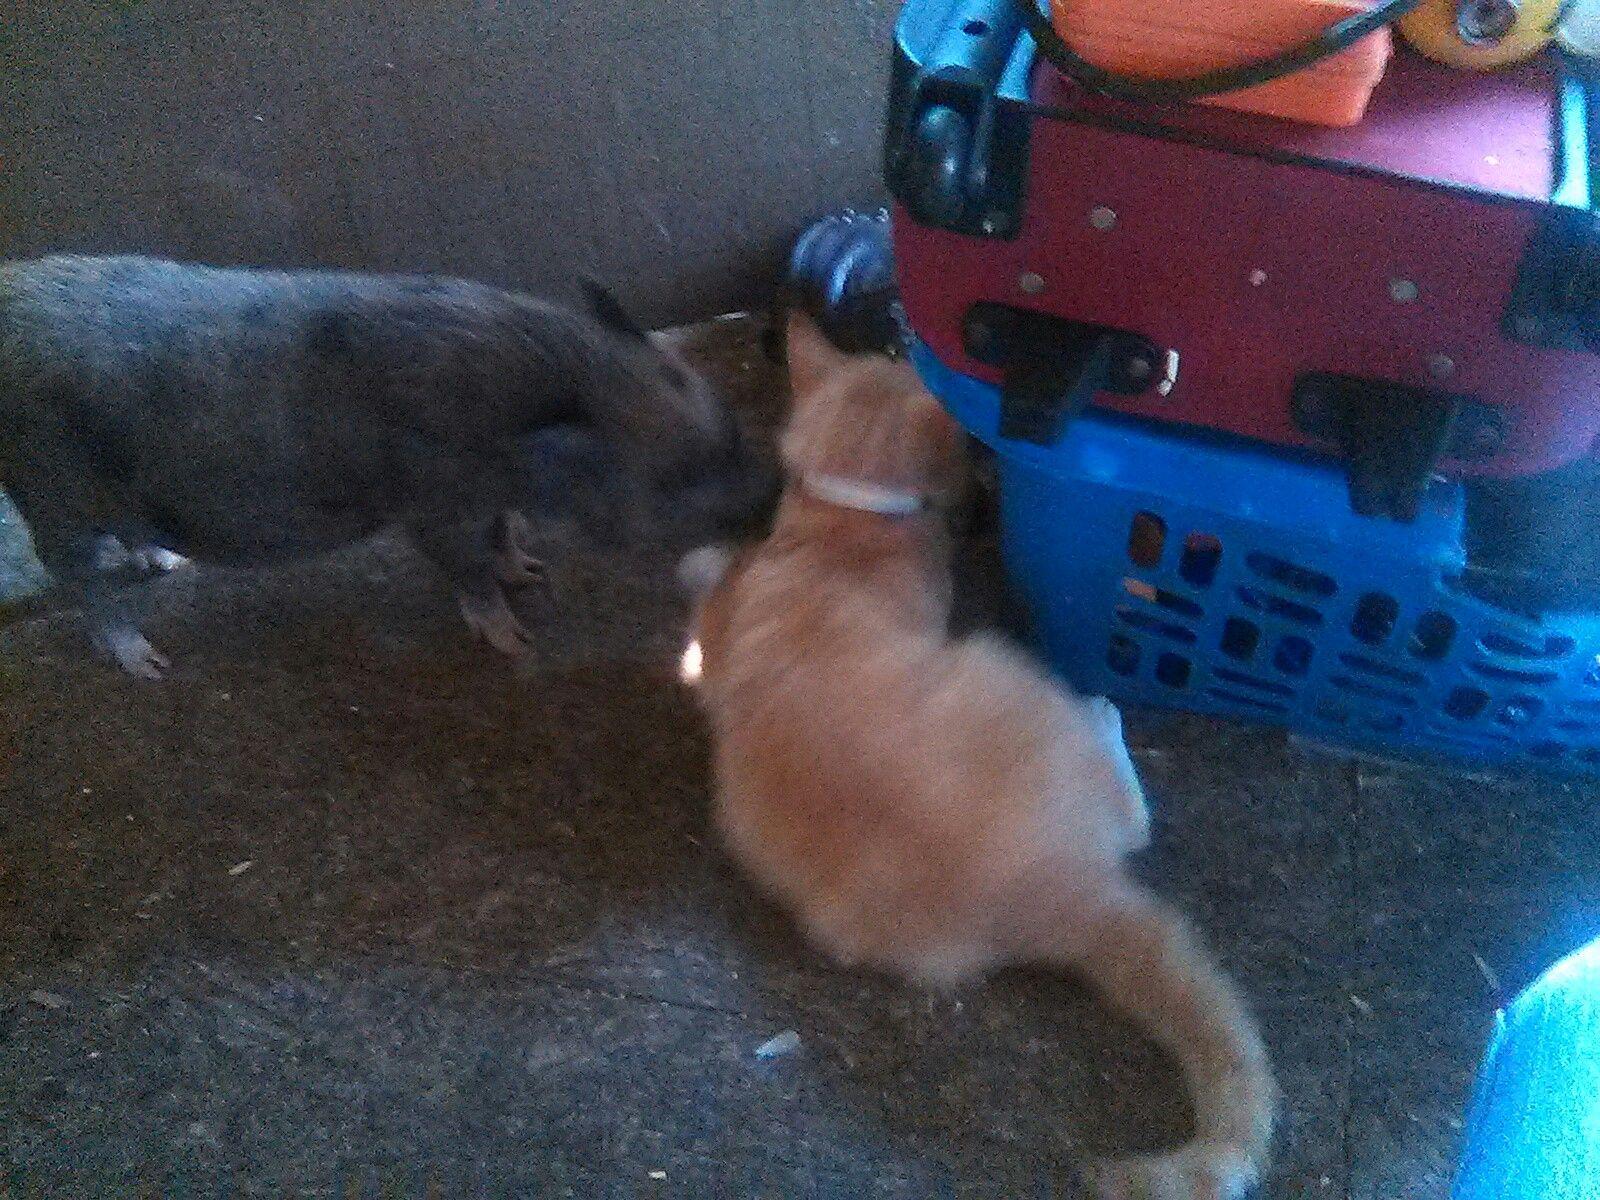 Porkchop and her bestie Garfield